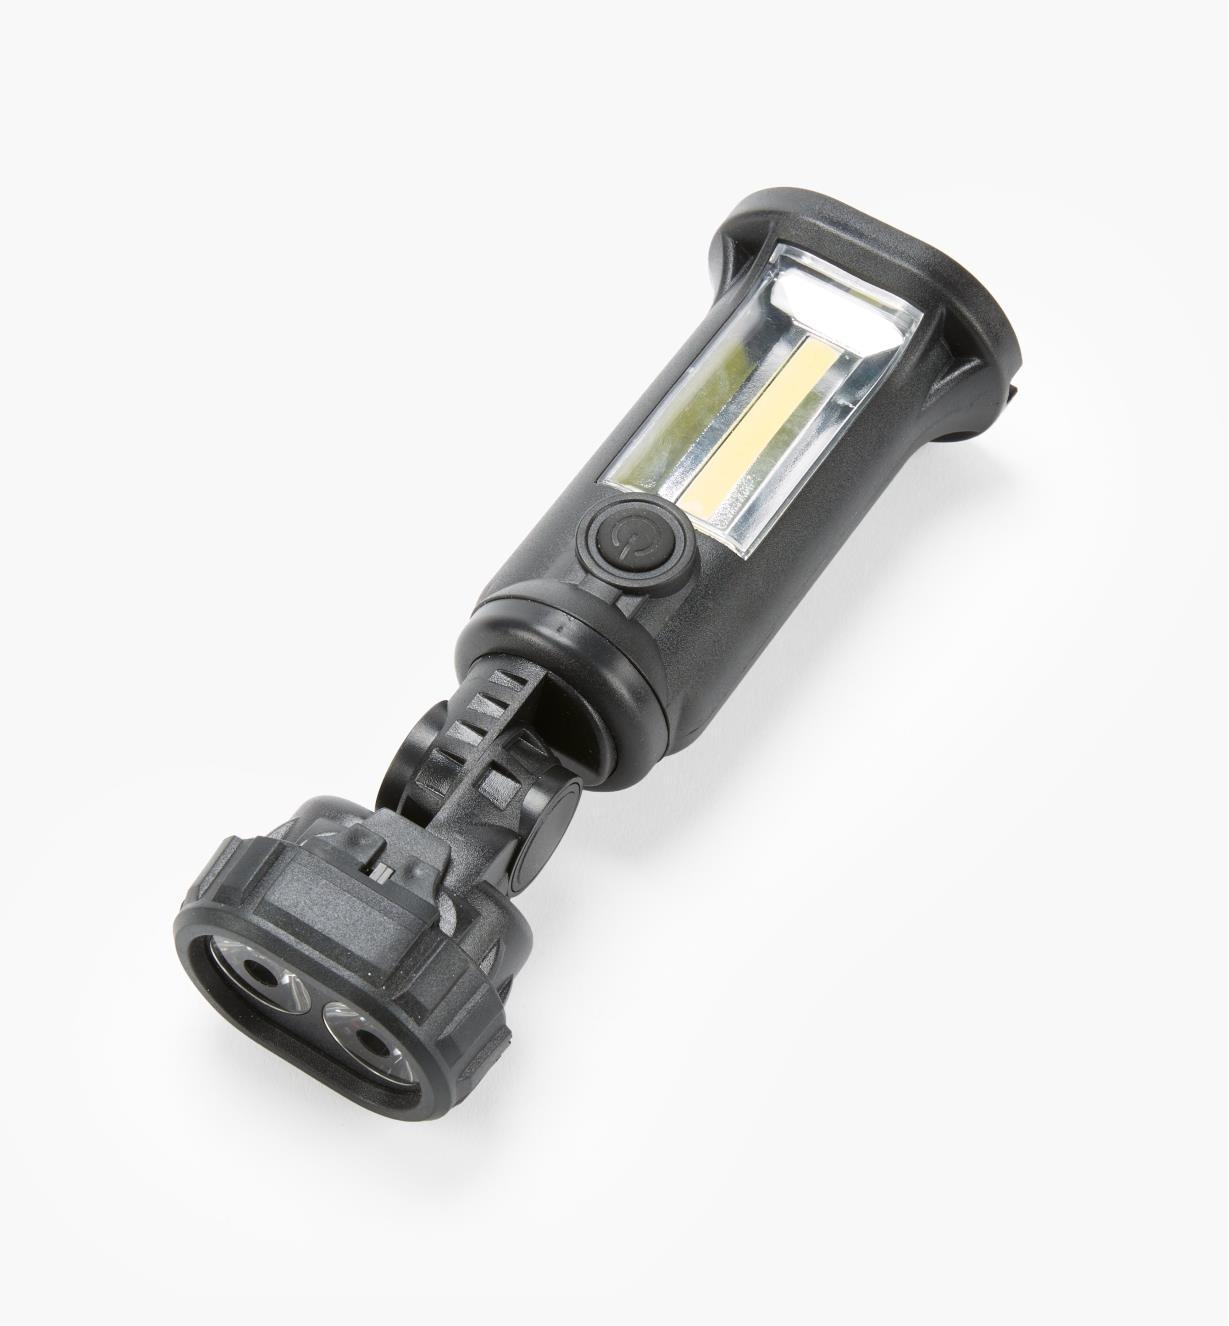 09A0863 - Lampe de travail articulée